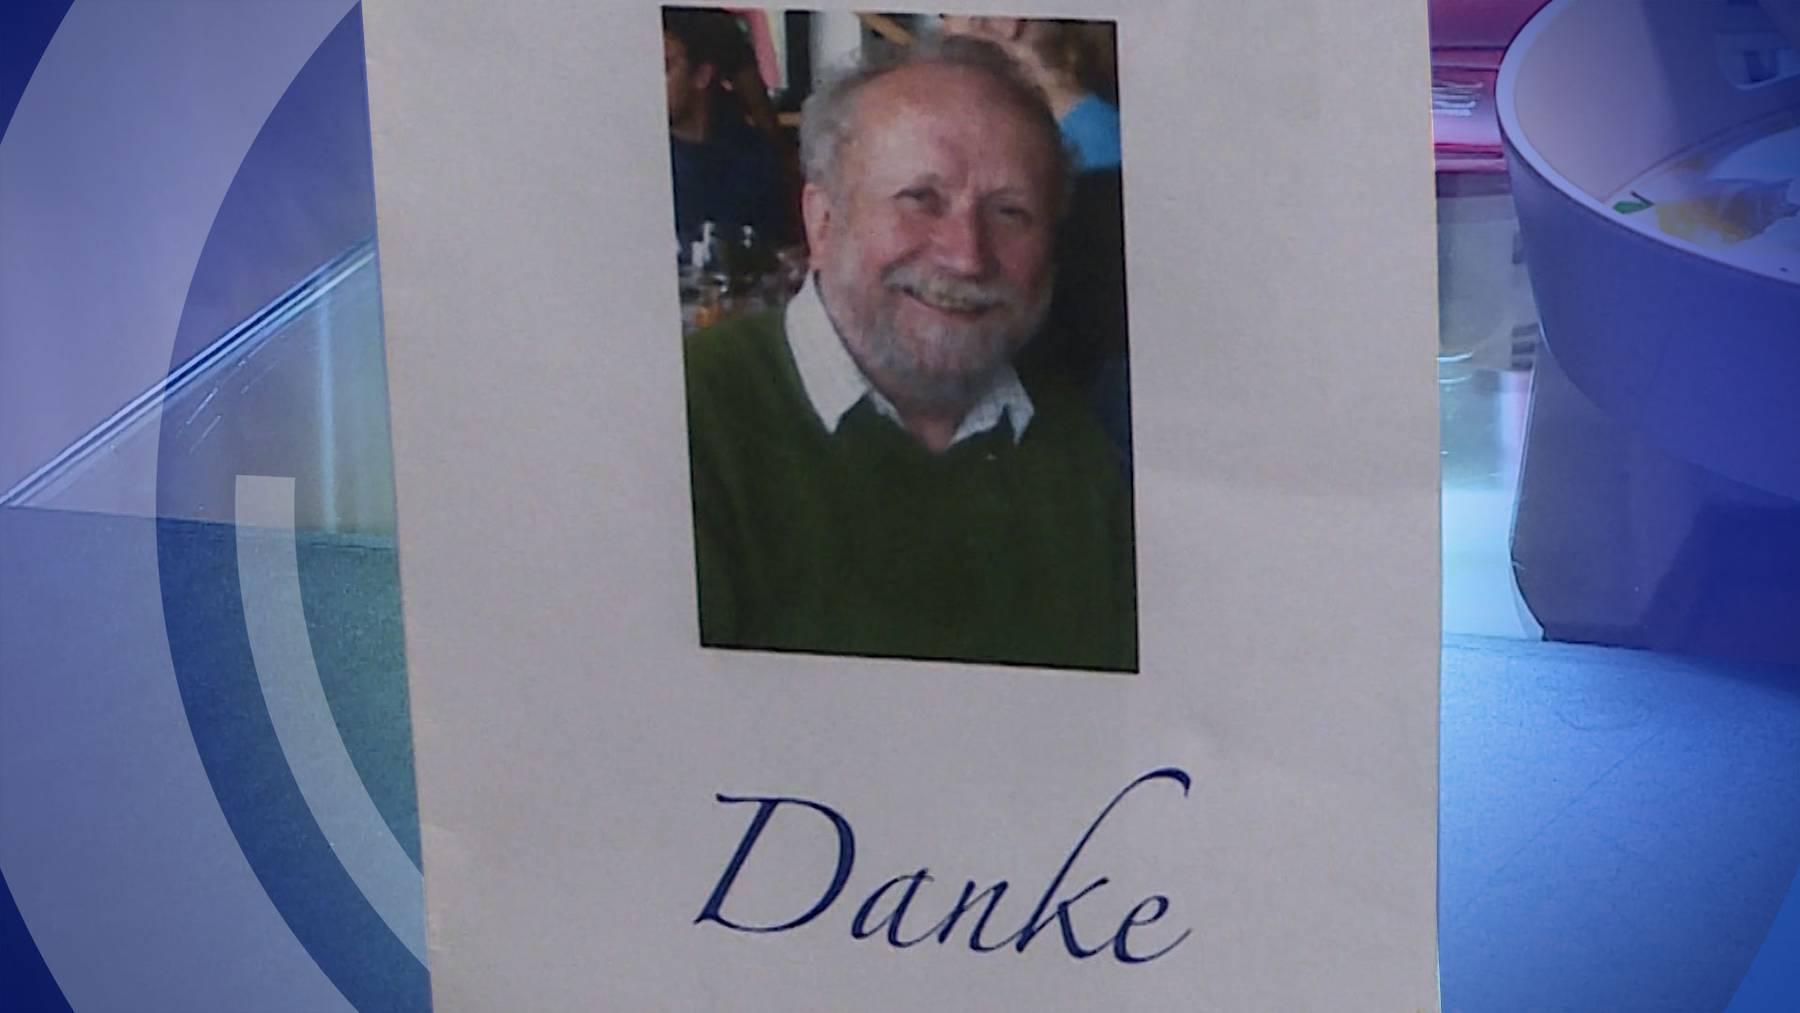 Tot wegen Fehldiagnose? Eine Ärztin muss sich vor Gericht verantworten